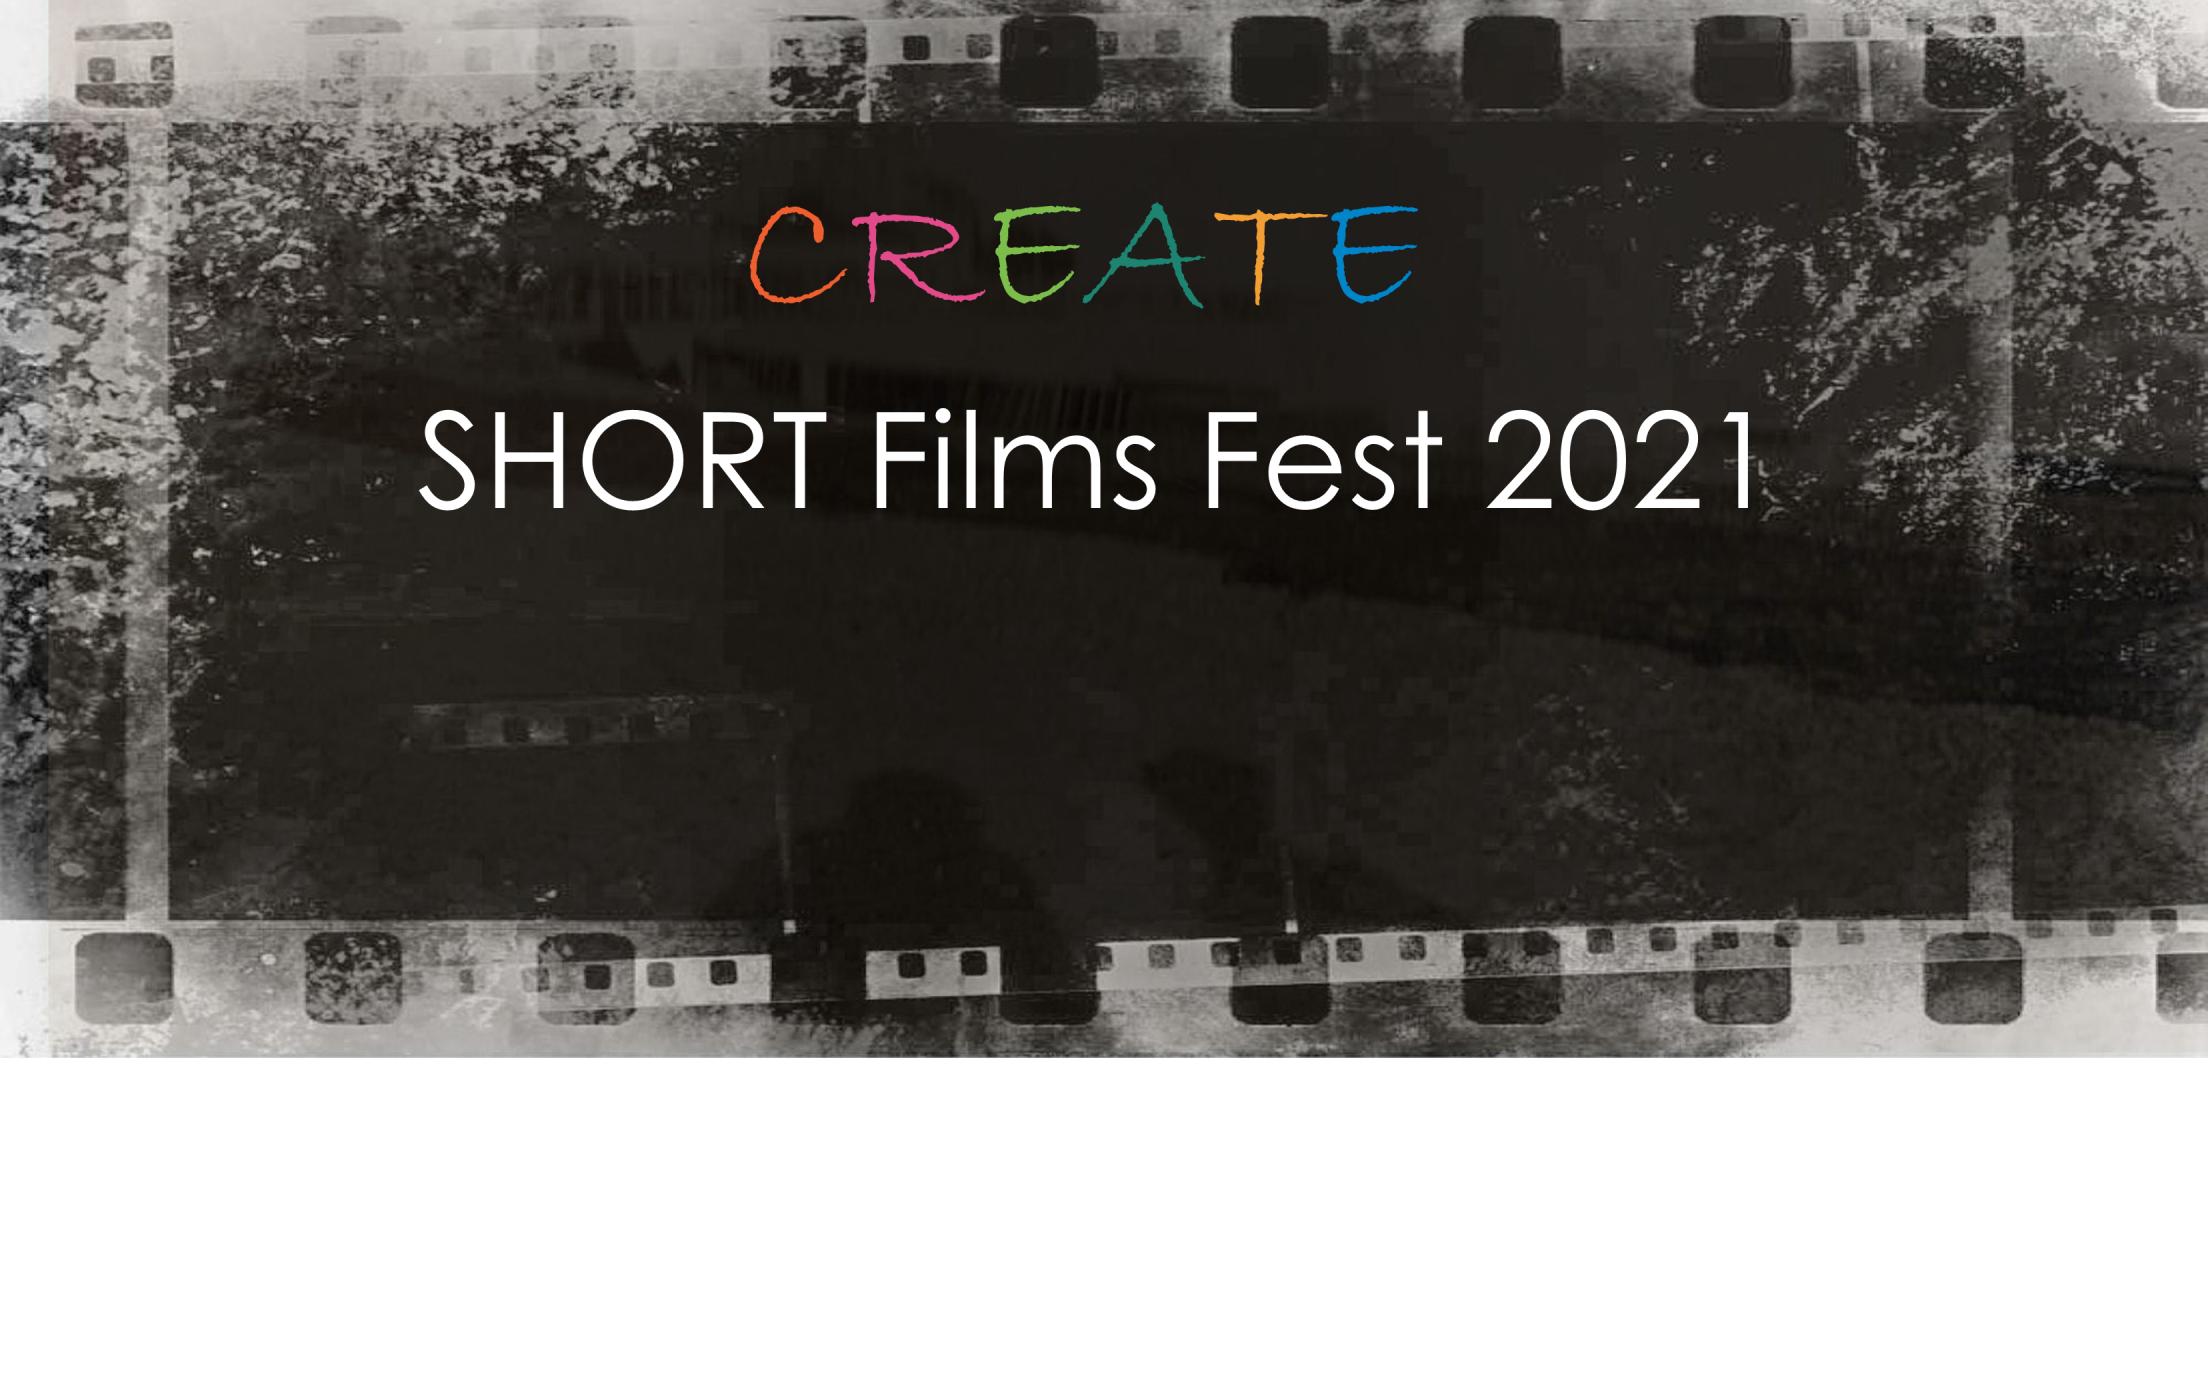 CREATE SHORT Films Fest 2021